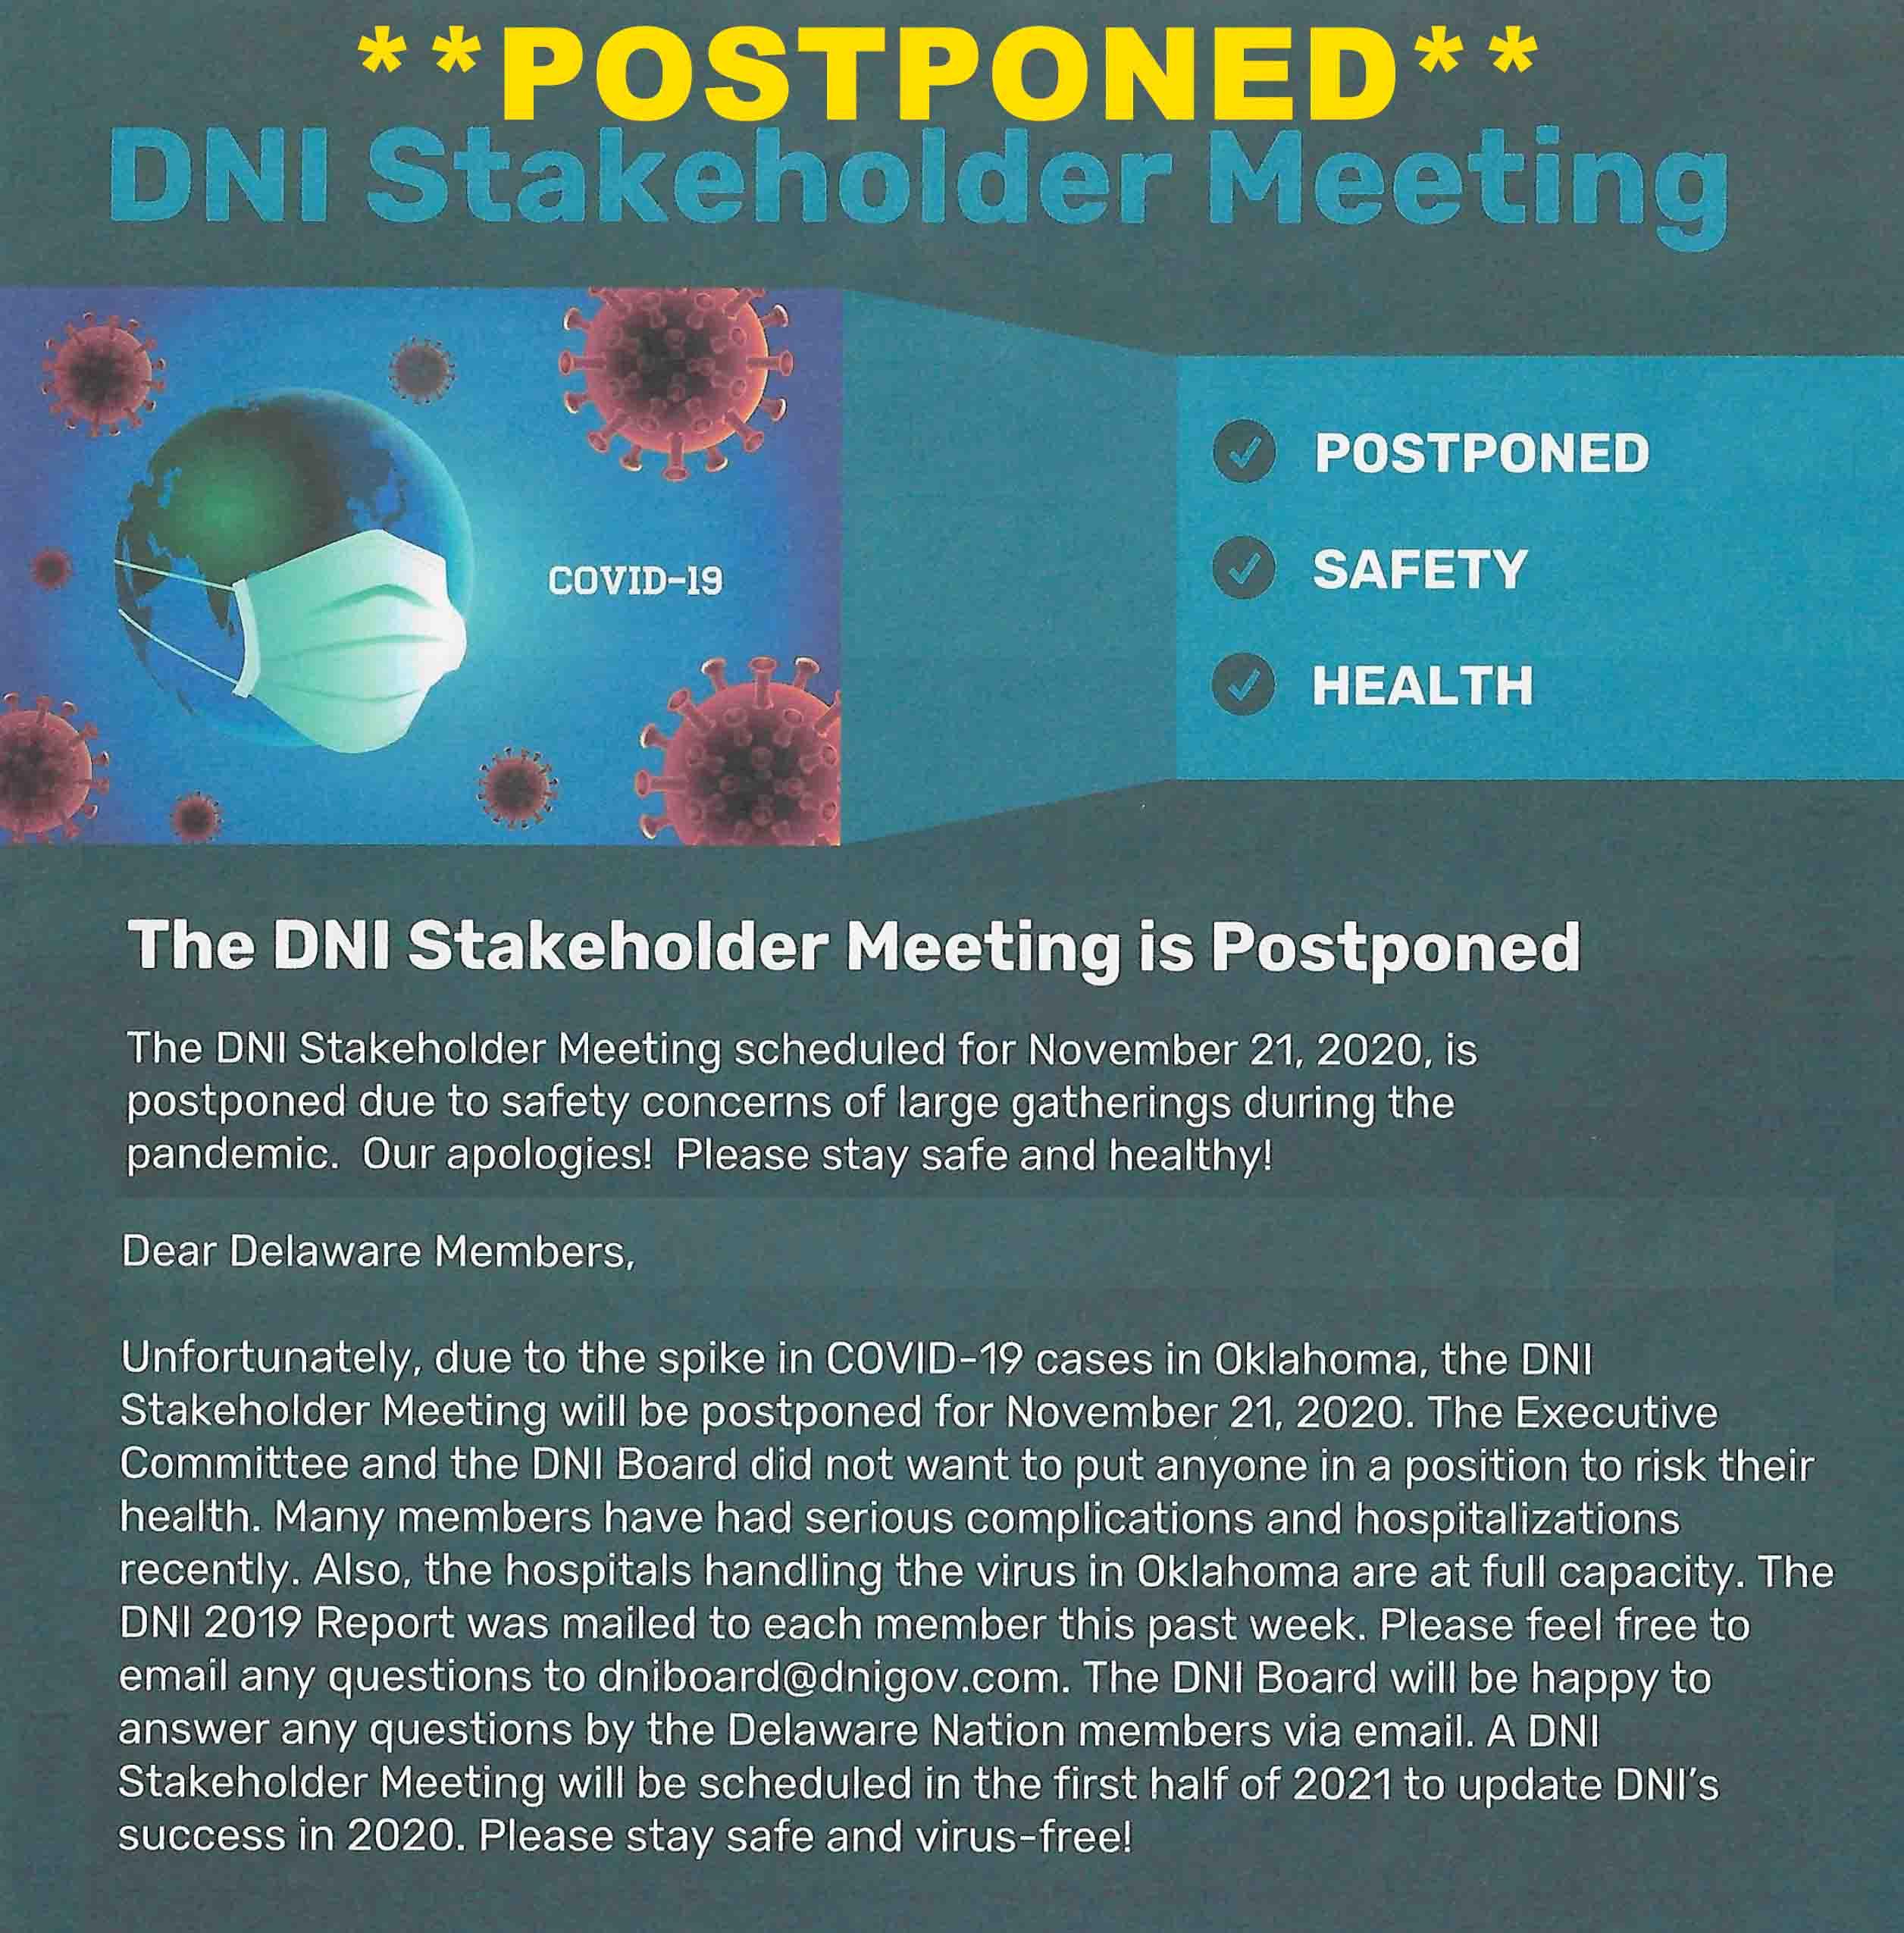 DNI Stakeholder Meeting is Postponed